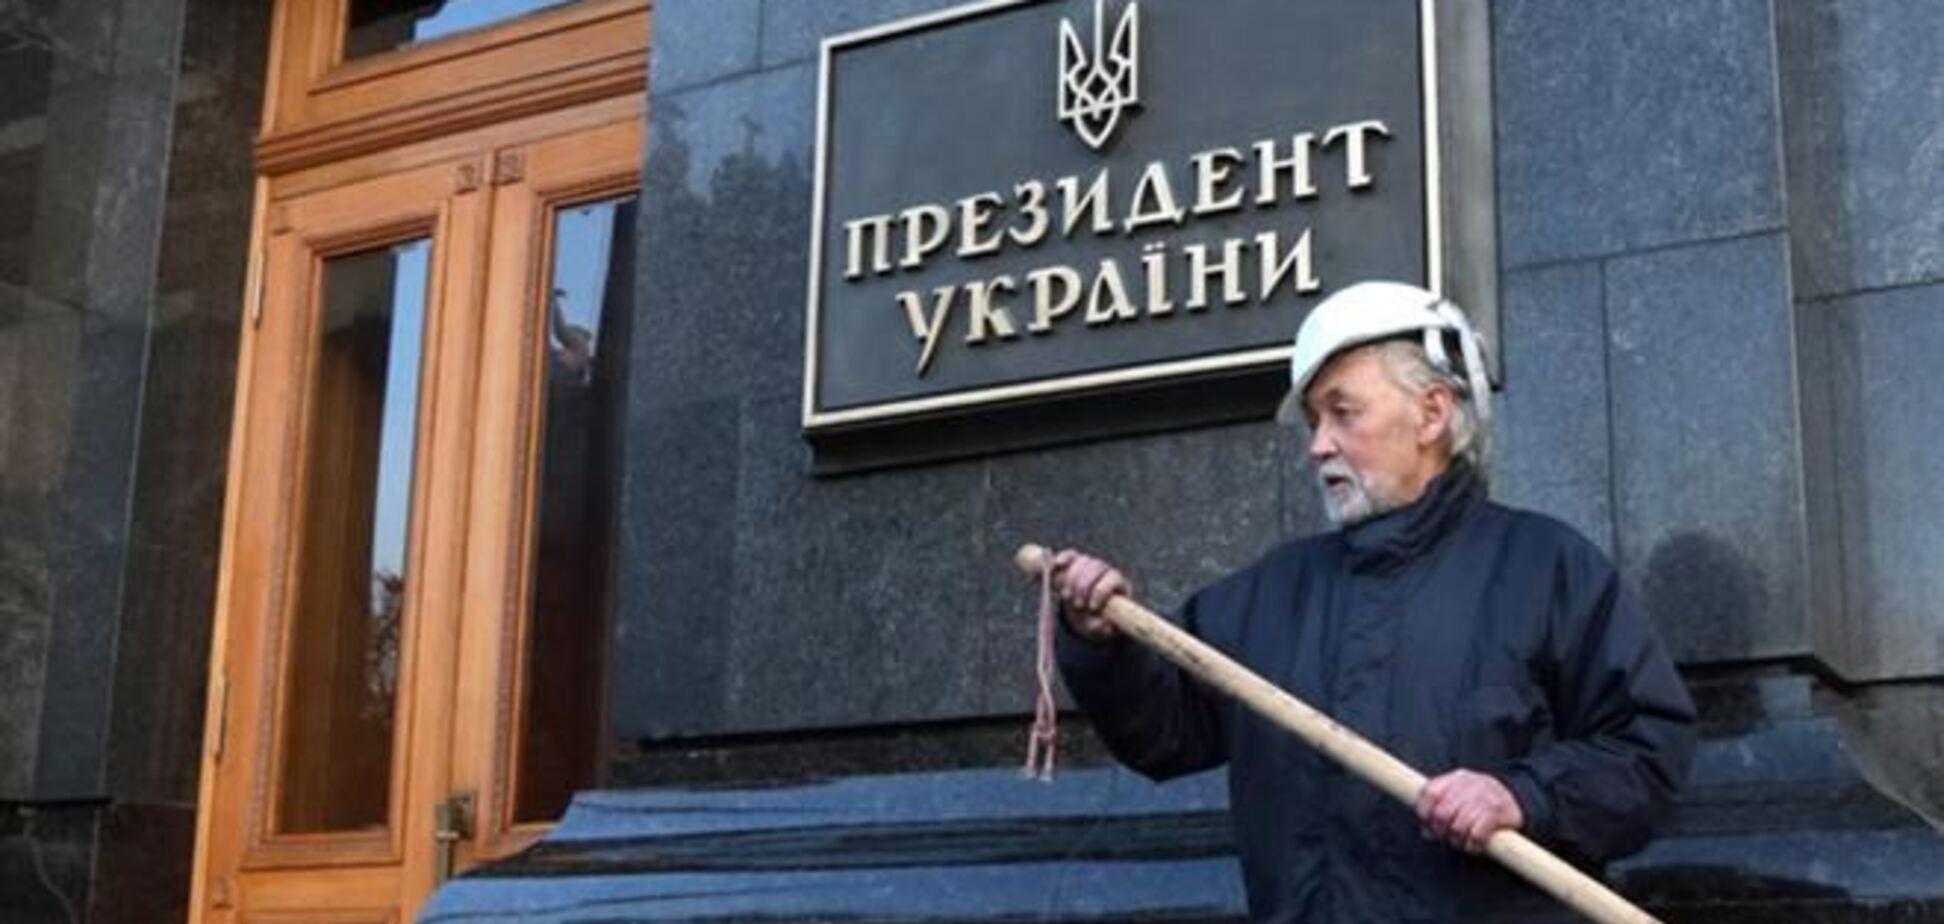 Интрига закручивается. Кто теперь главный фаворит президентской гонки в Украине